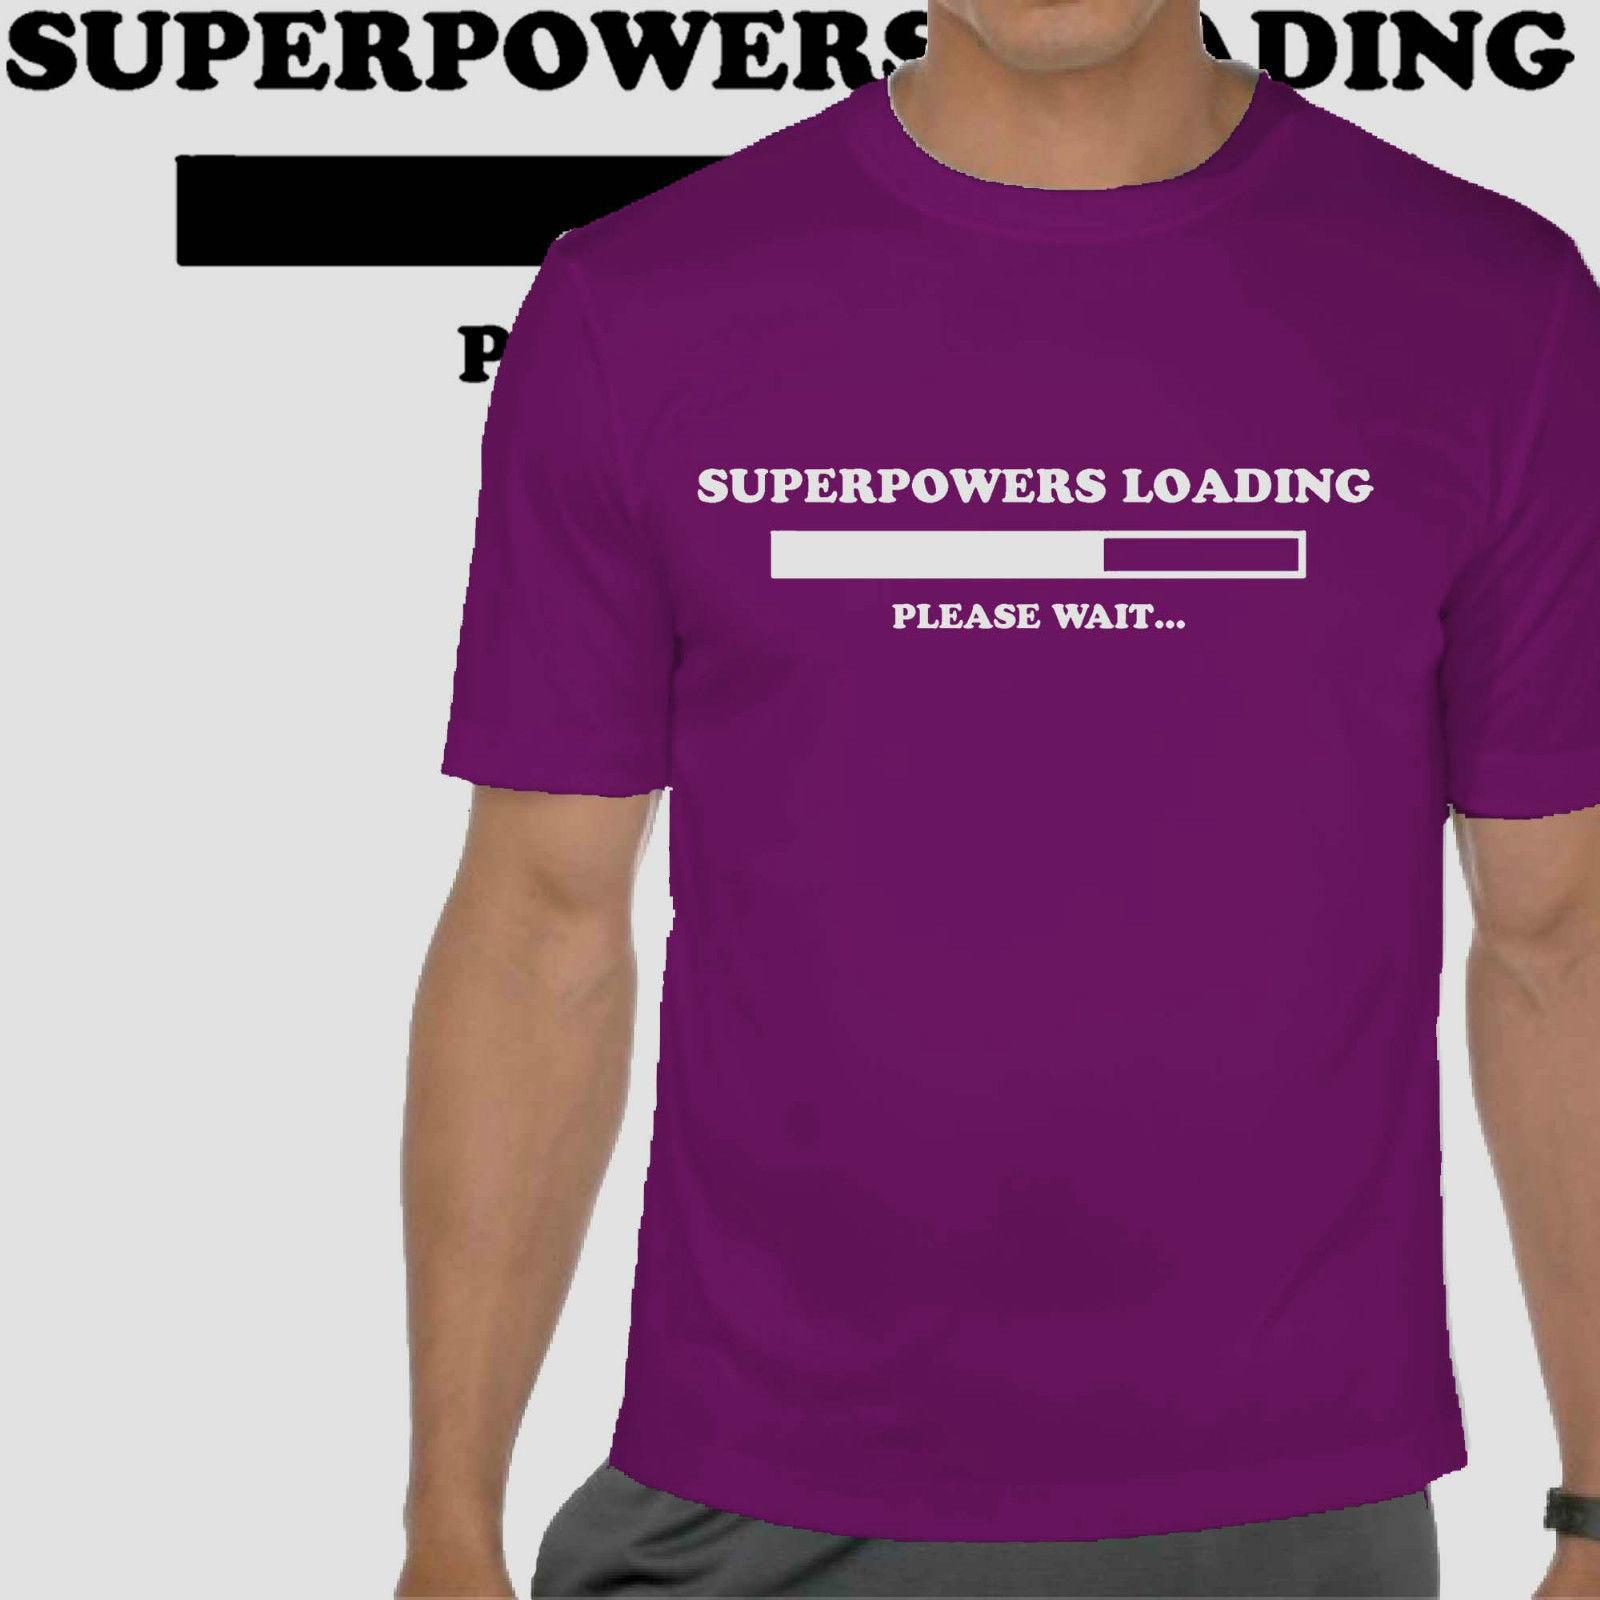 Funny Tshirt super powers loading Tee mens geeky T beach festival T shirt  Funny free shipping Unisex Tshirt top